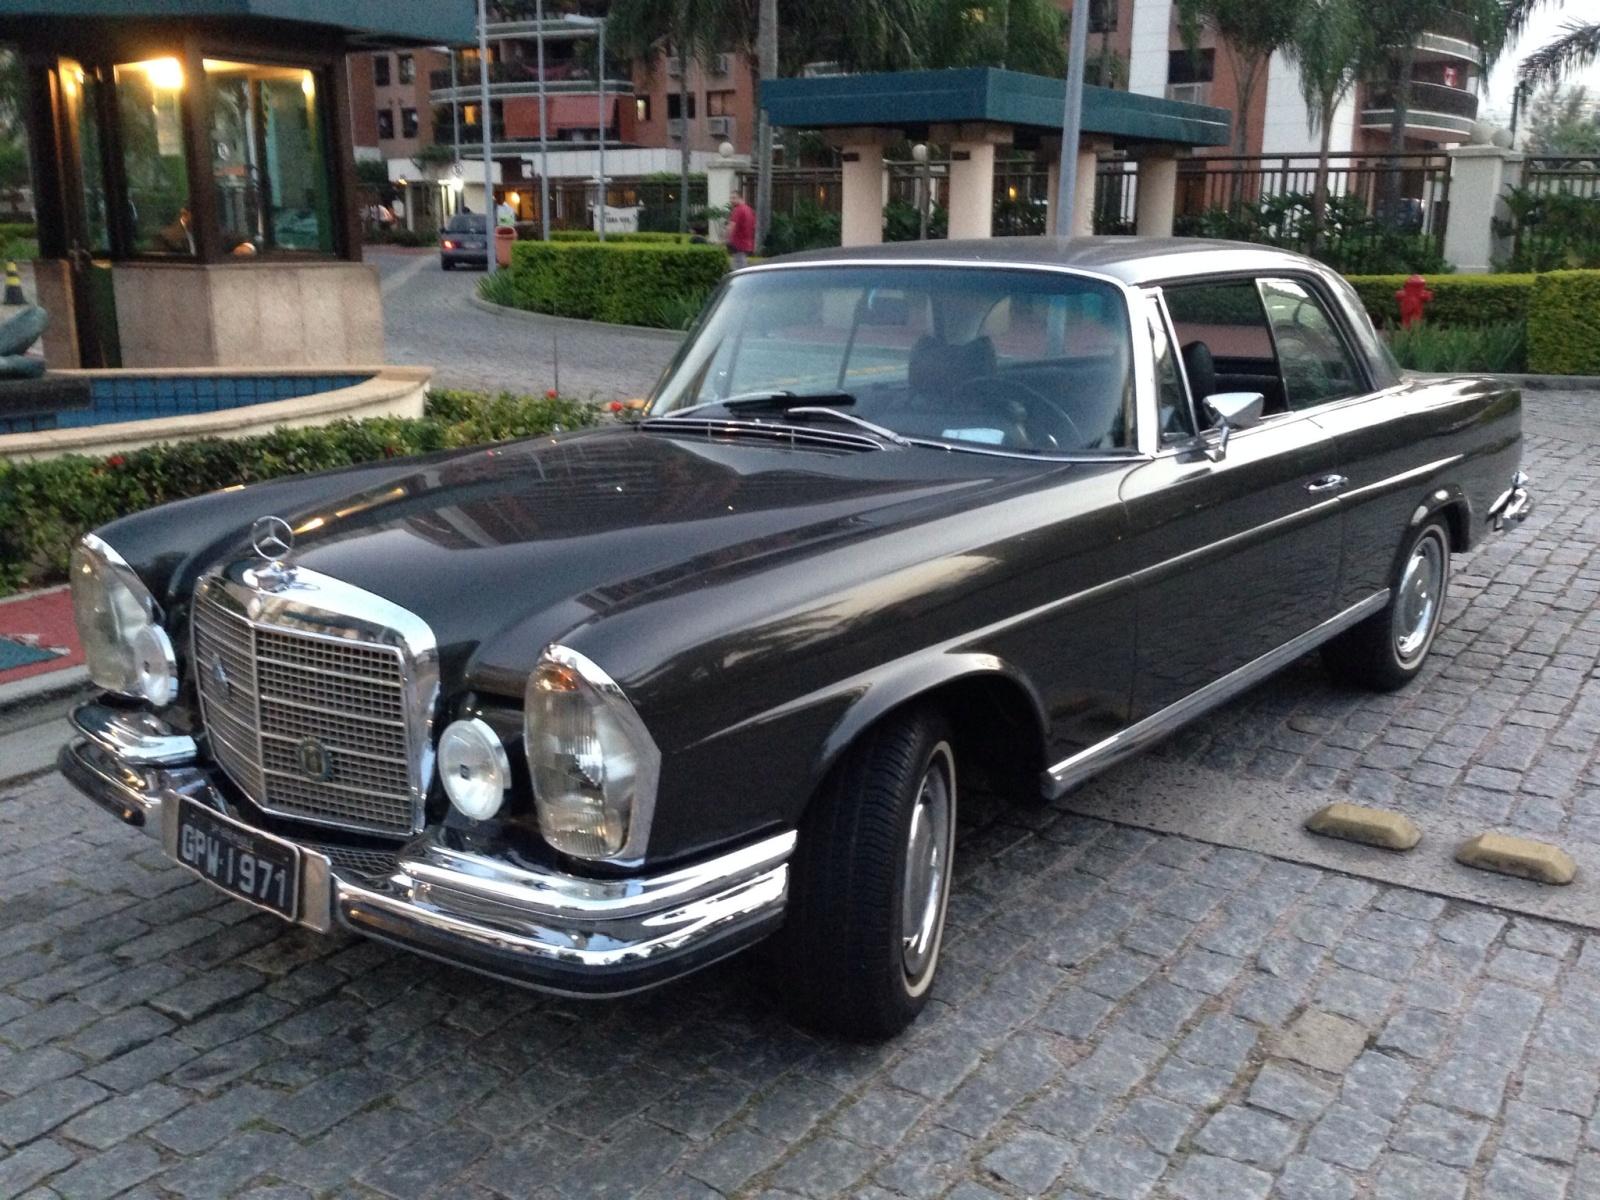 Mercedes 280  se. 3.5.  Charuto R$195000,00 - VENDIDO 2lsb6s5